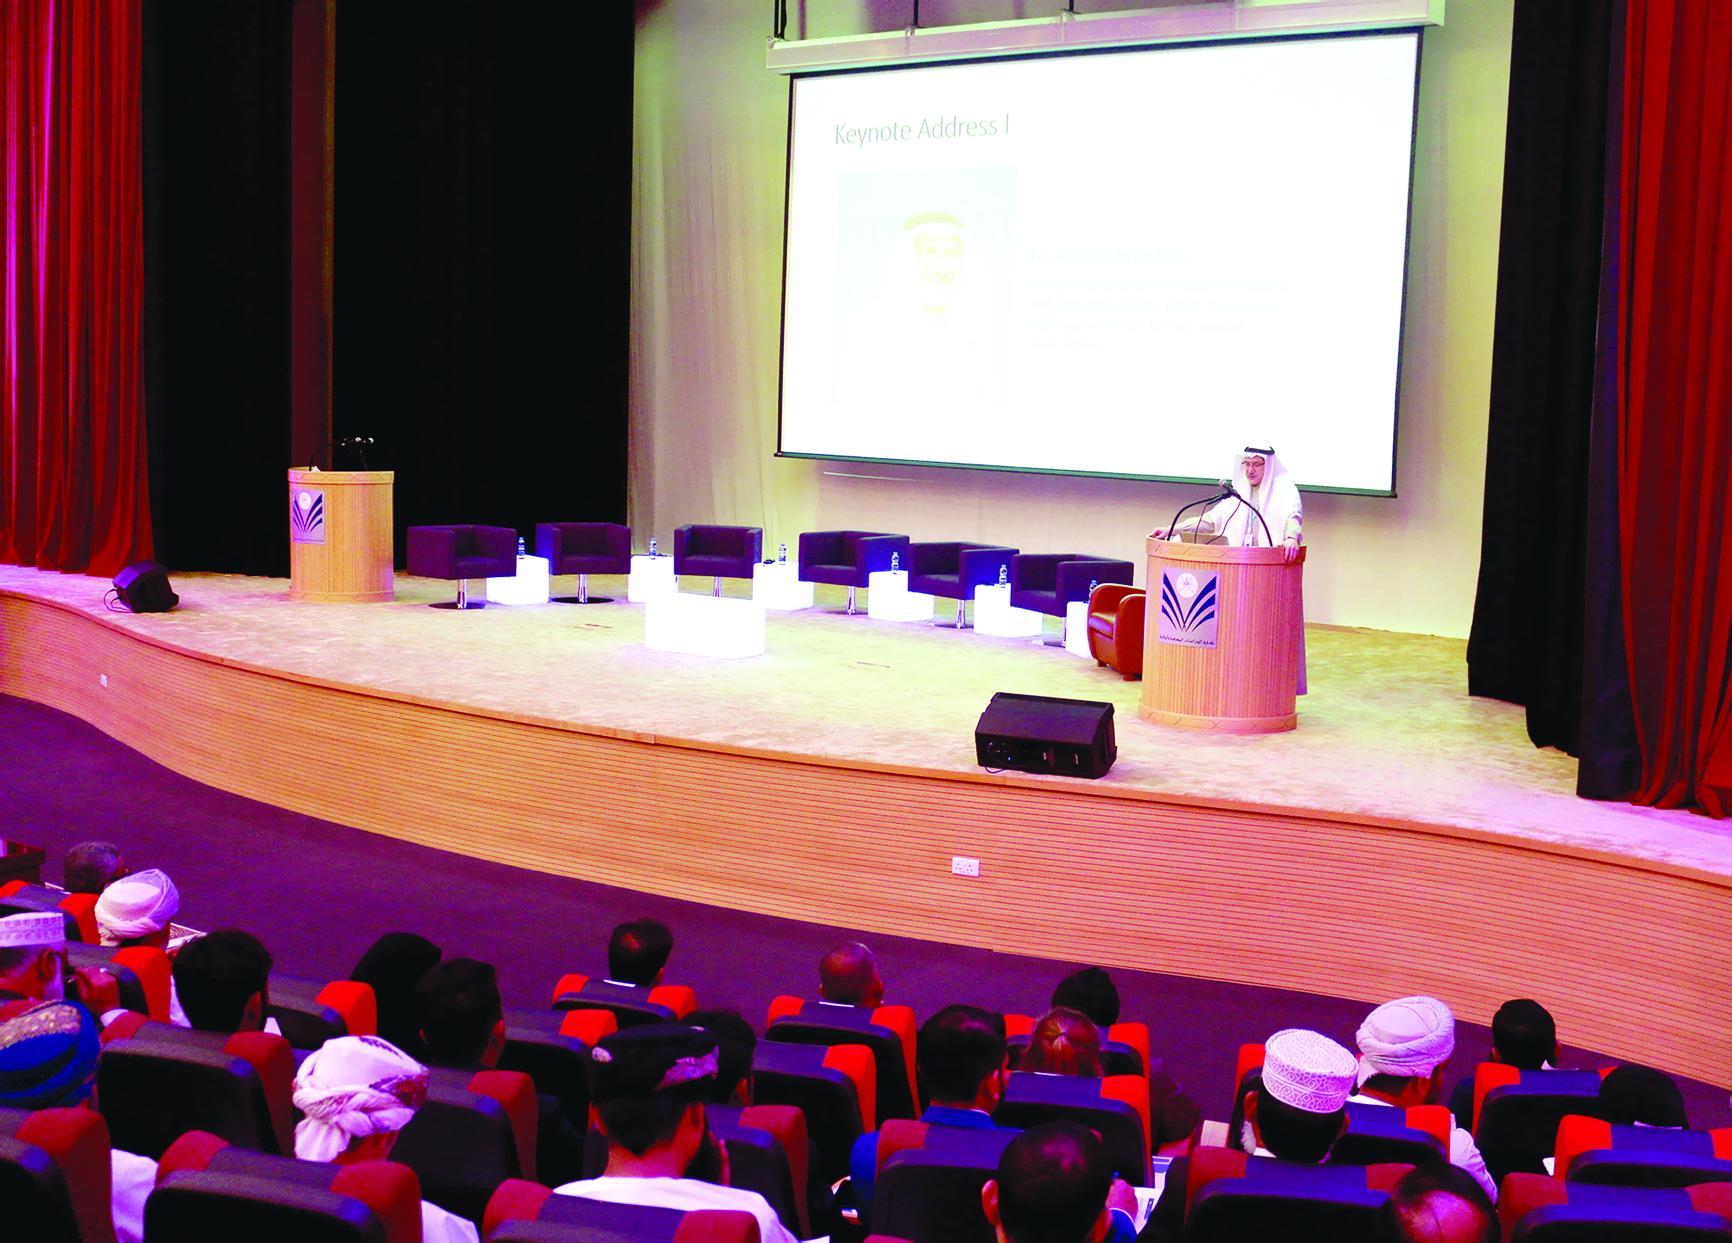 منتدى عن التمويل الإسلامي للتكنولوجيا المالية